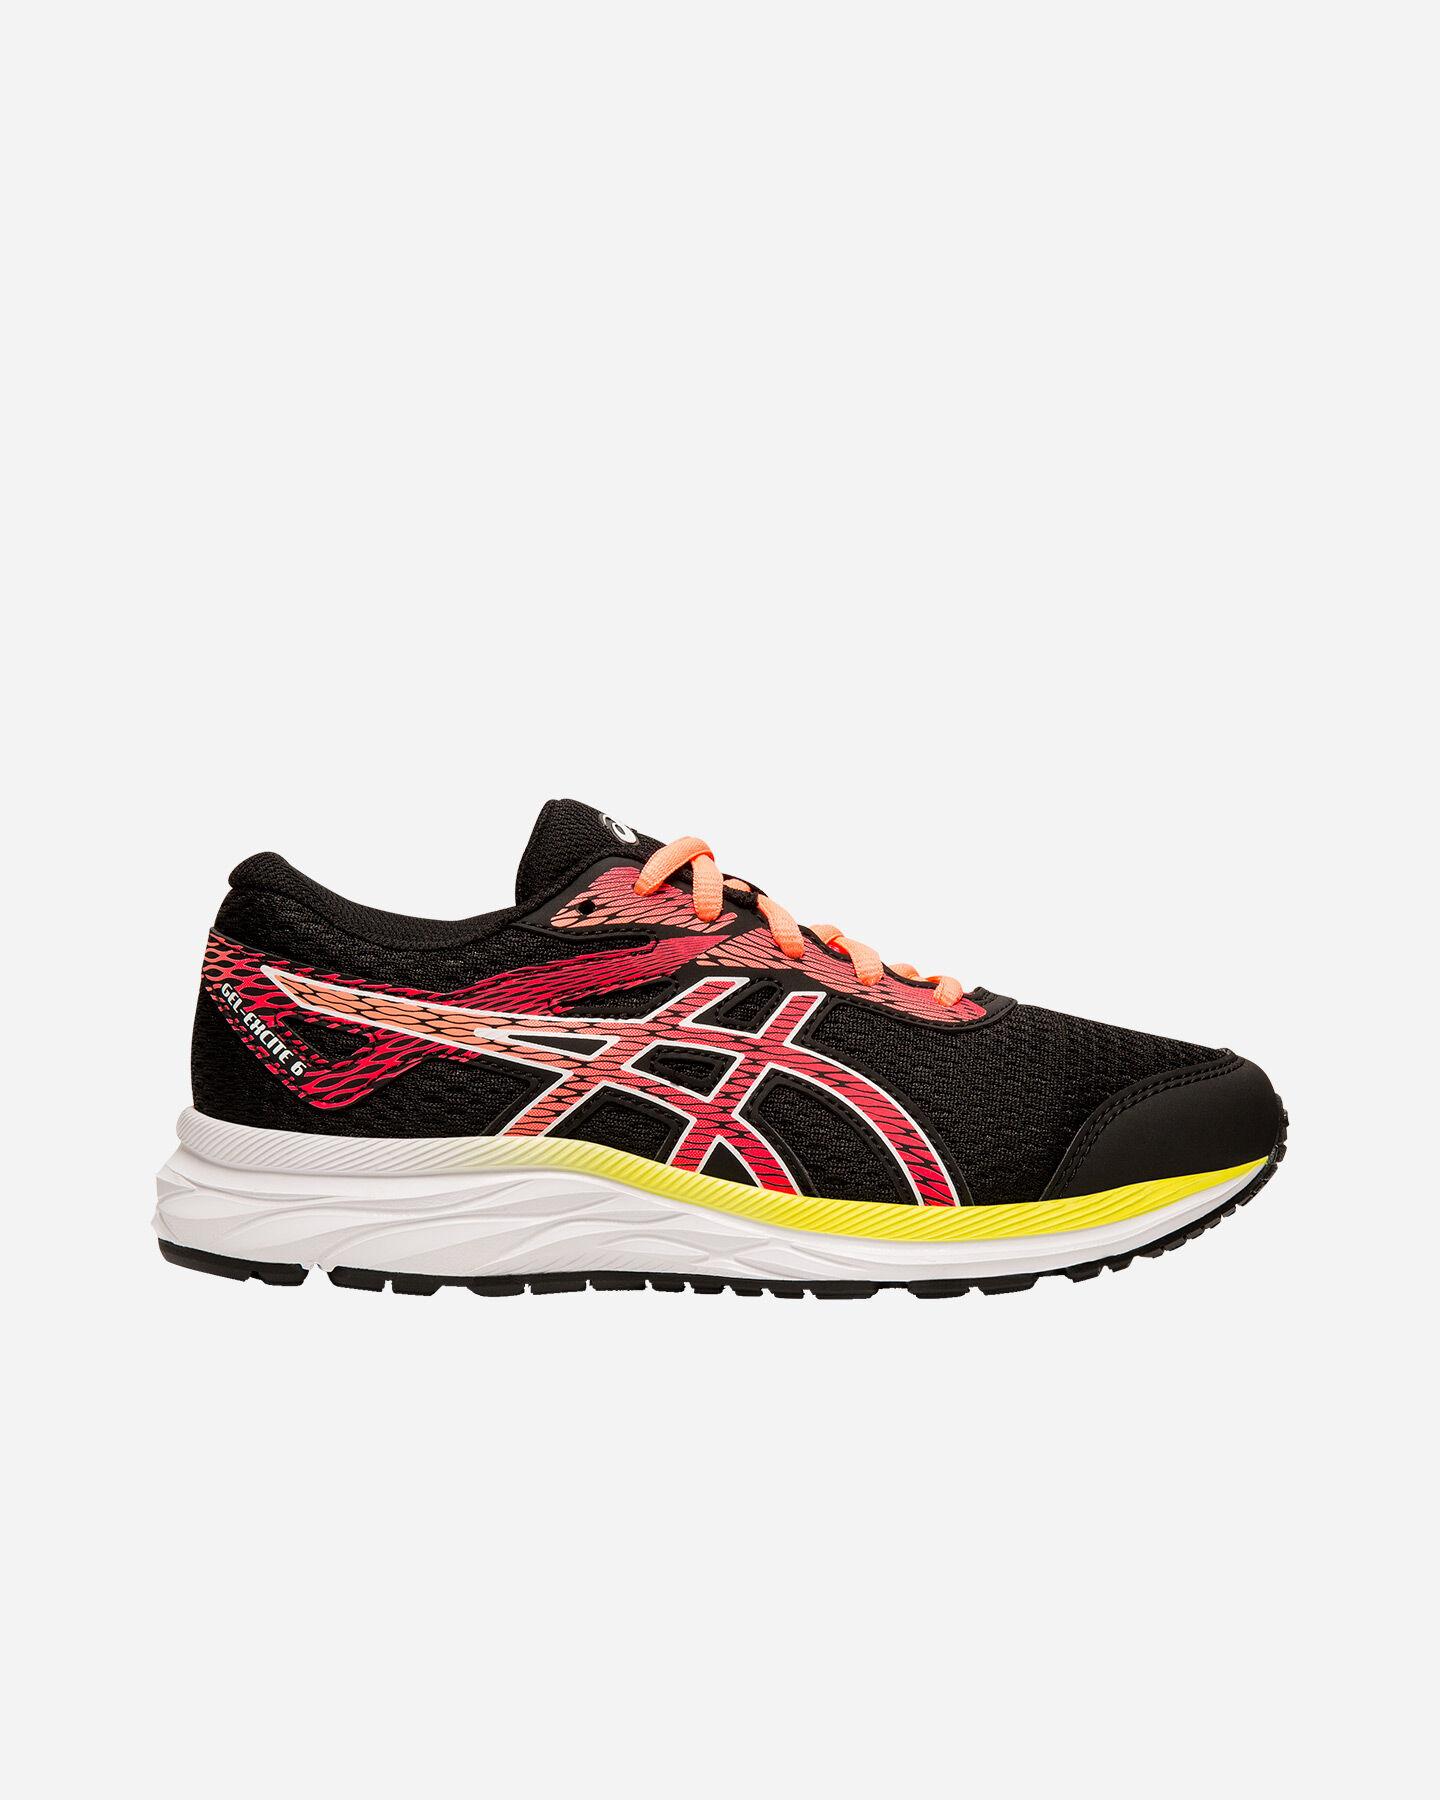 Sport E Running BambinoCisalfa Accessori Da AbbigliamentoScarpe l1cFJK